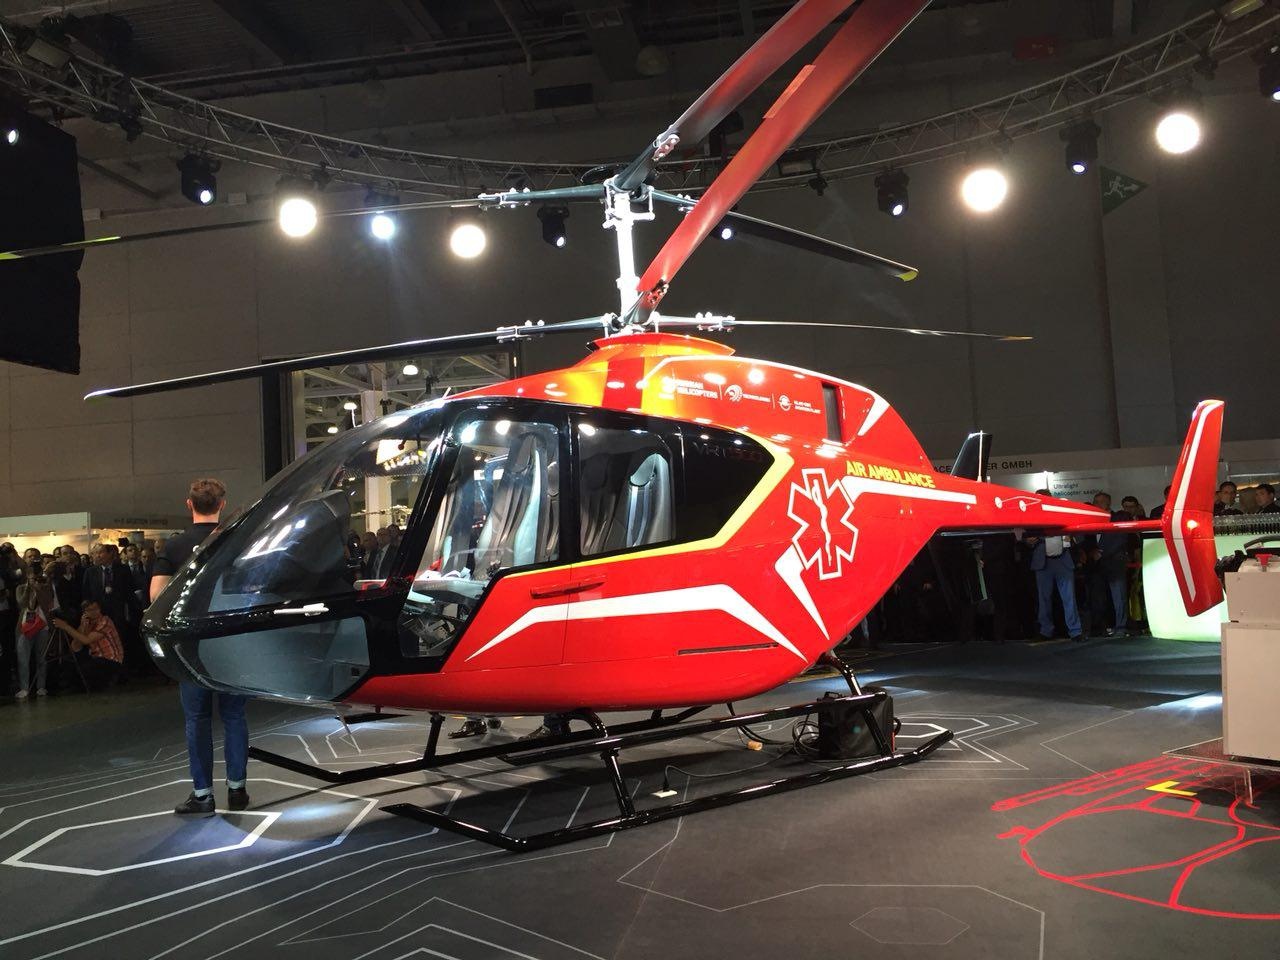 VRT500 iniciará os testes aerodinâmicos em breve